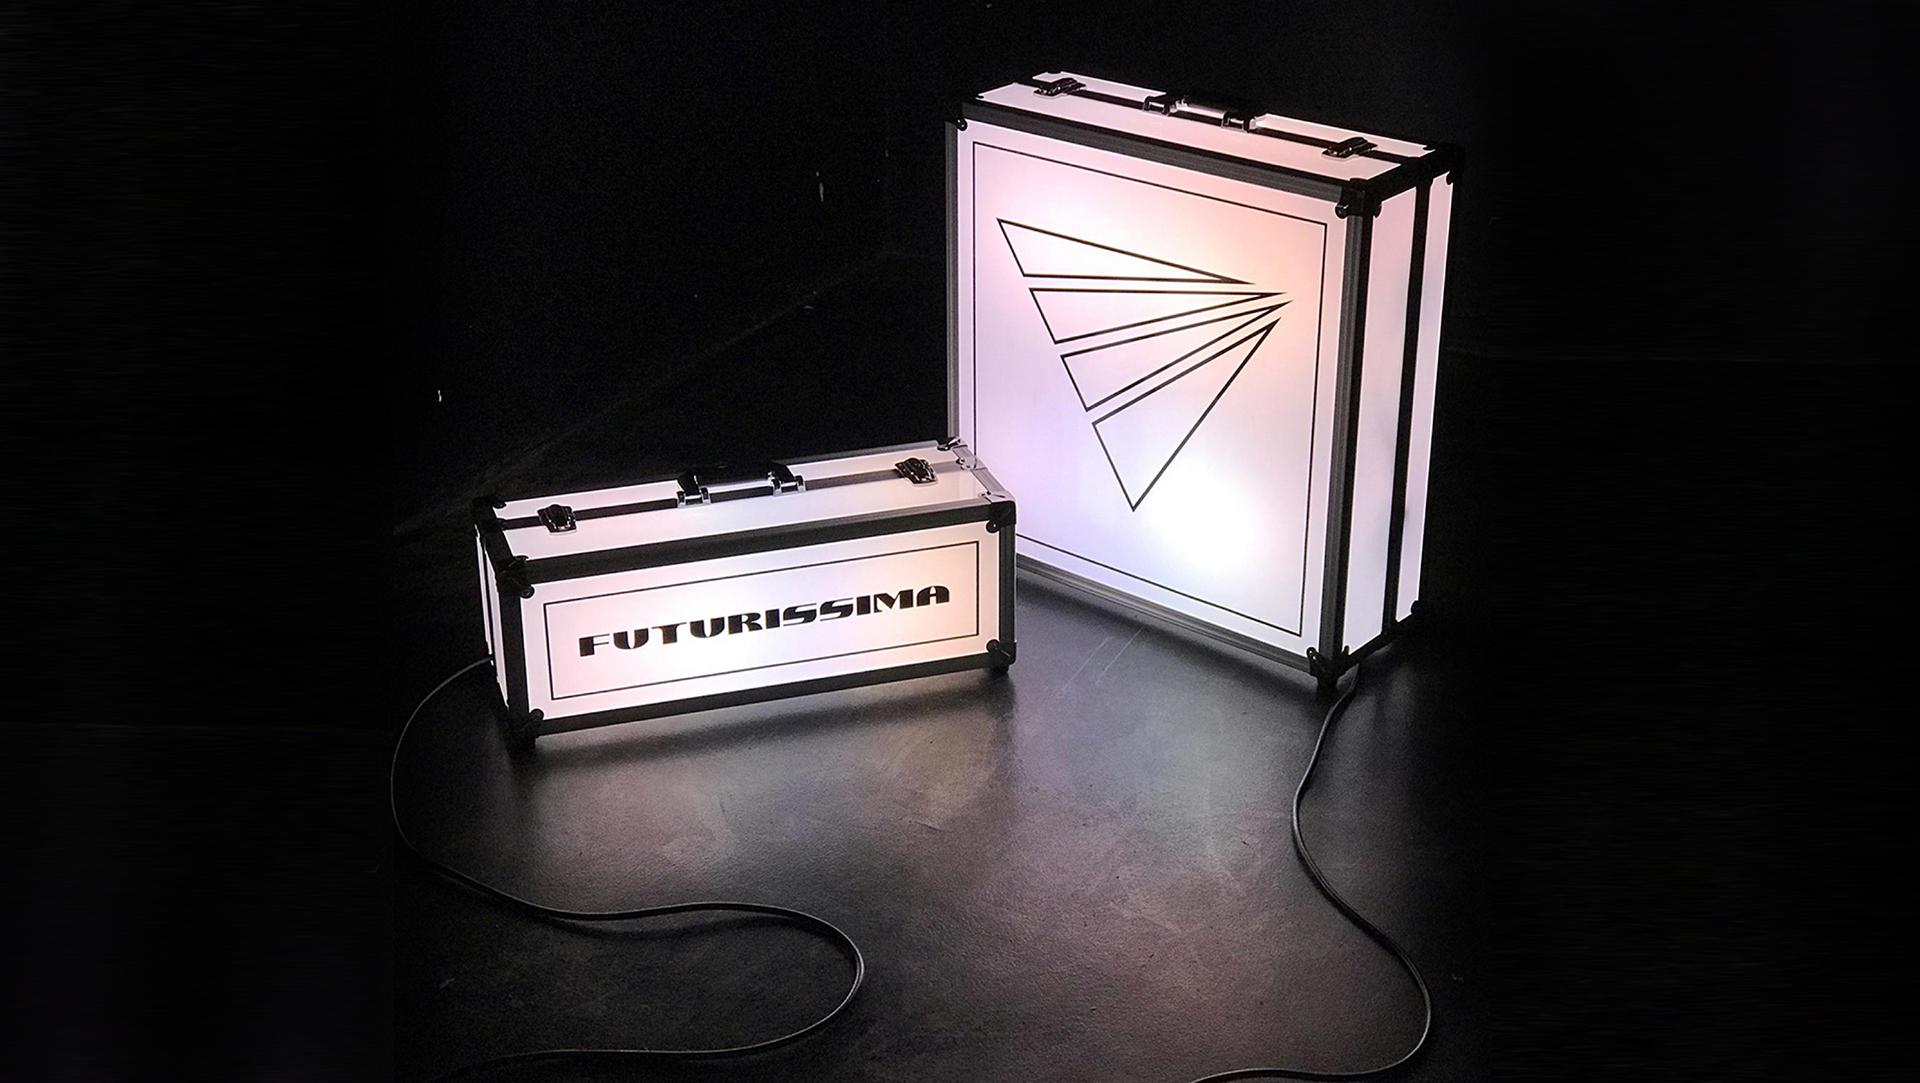 IUNO-Futurissima-lightbox